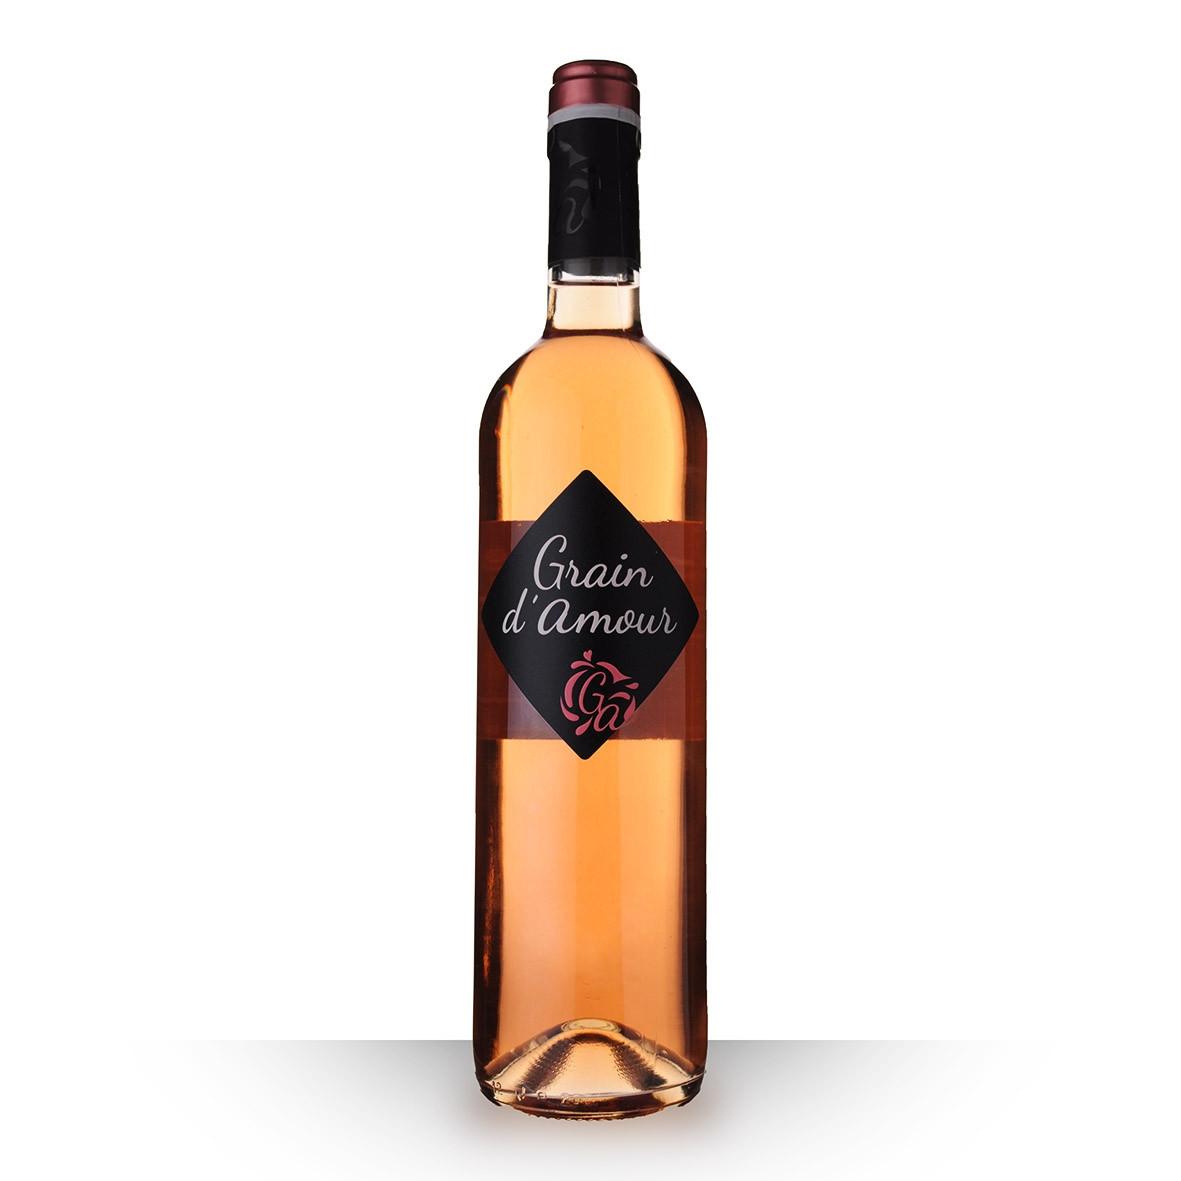 Grain dAmour Vin de France Rosé 75cl www.odyssee-vins.com